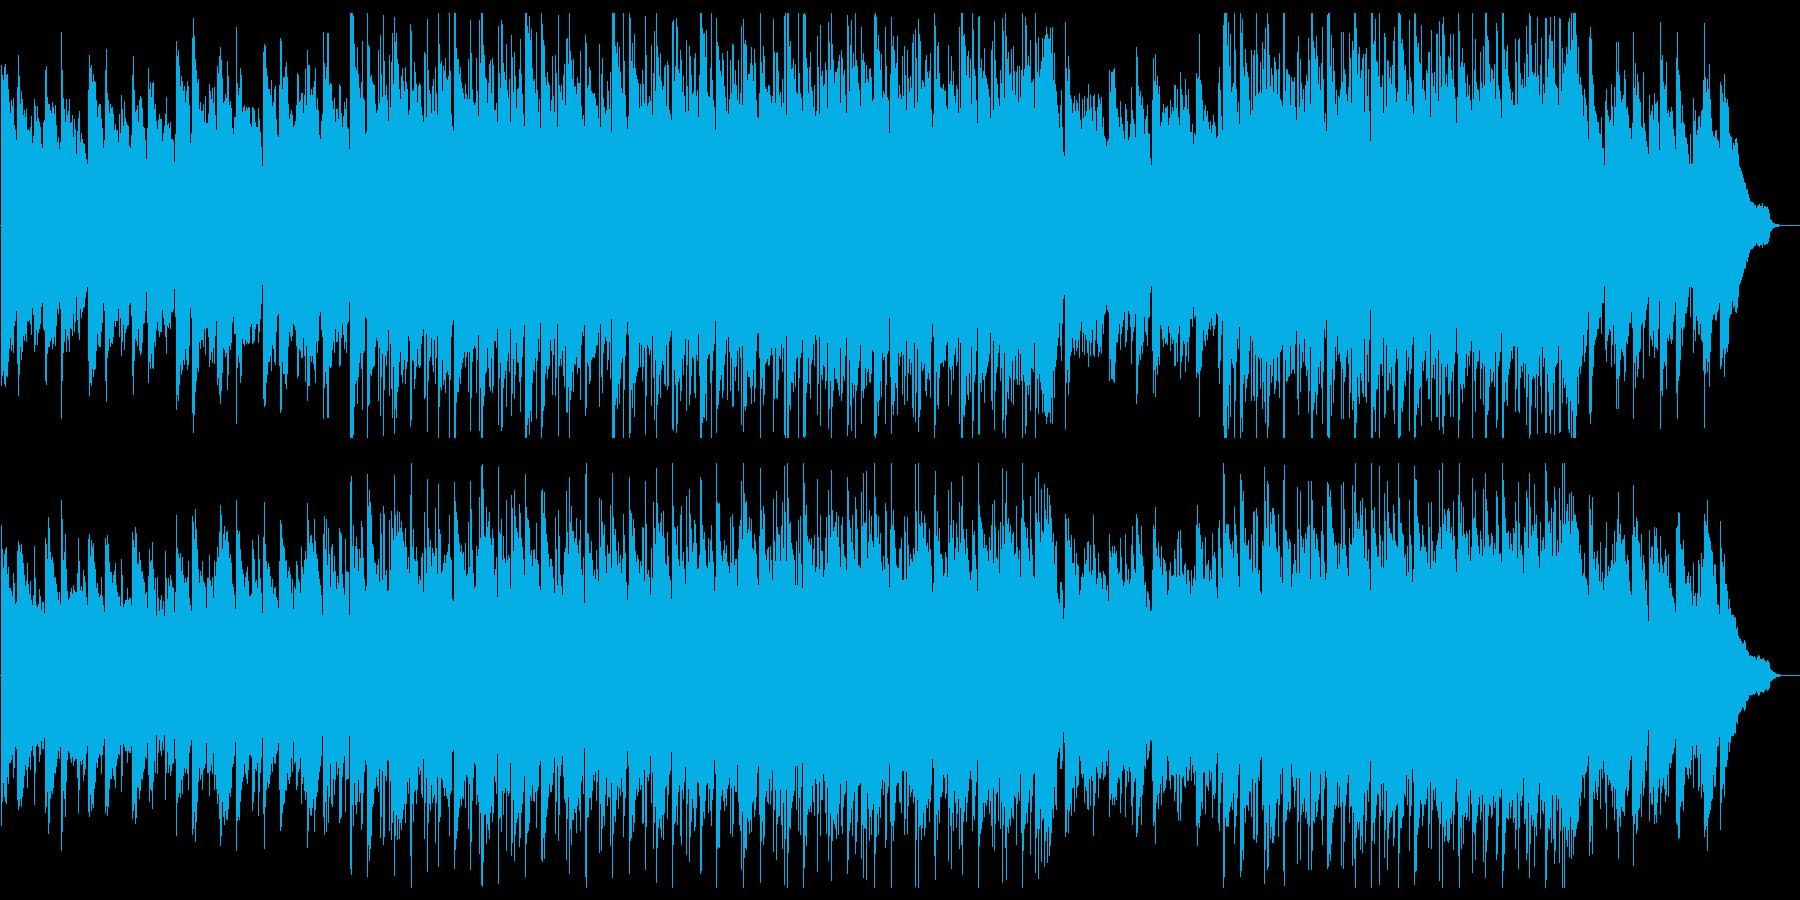 ひたむきに信念を貫く・ピアノ入りロックの再生済みの波形